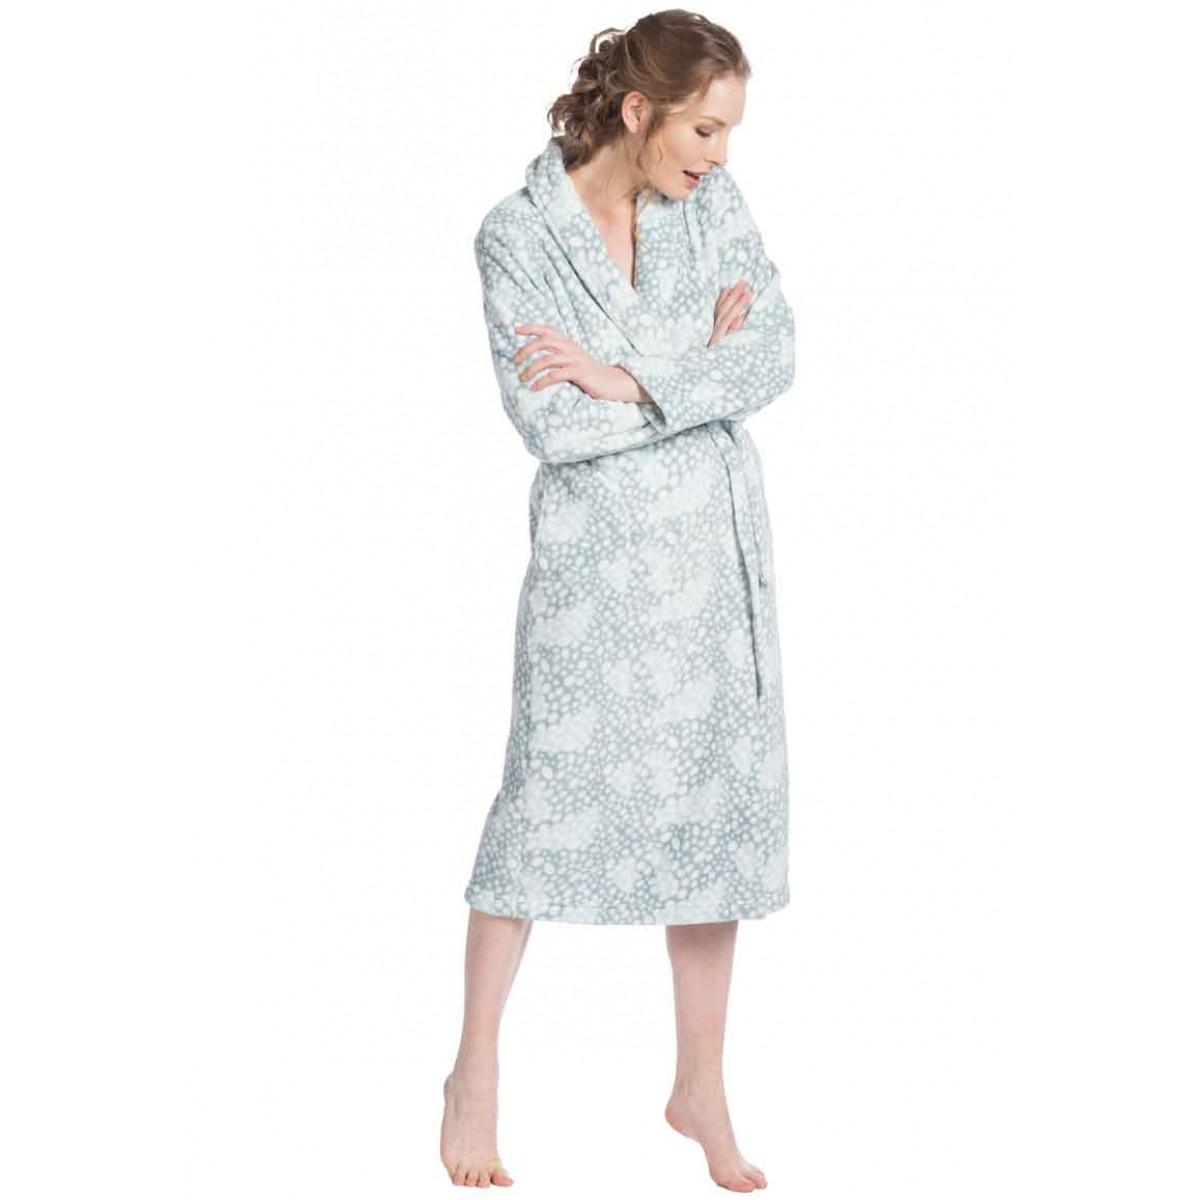 Badjas voor moeder